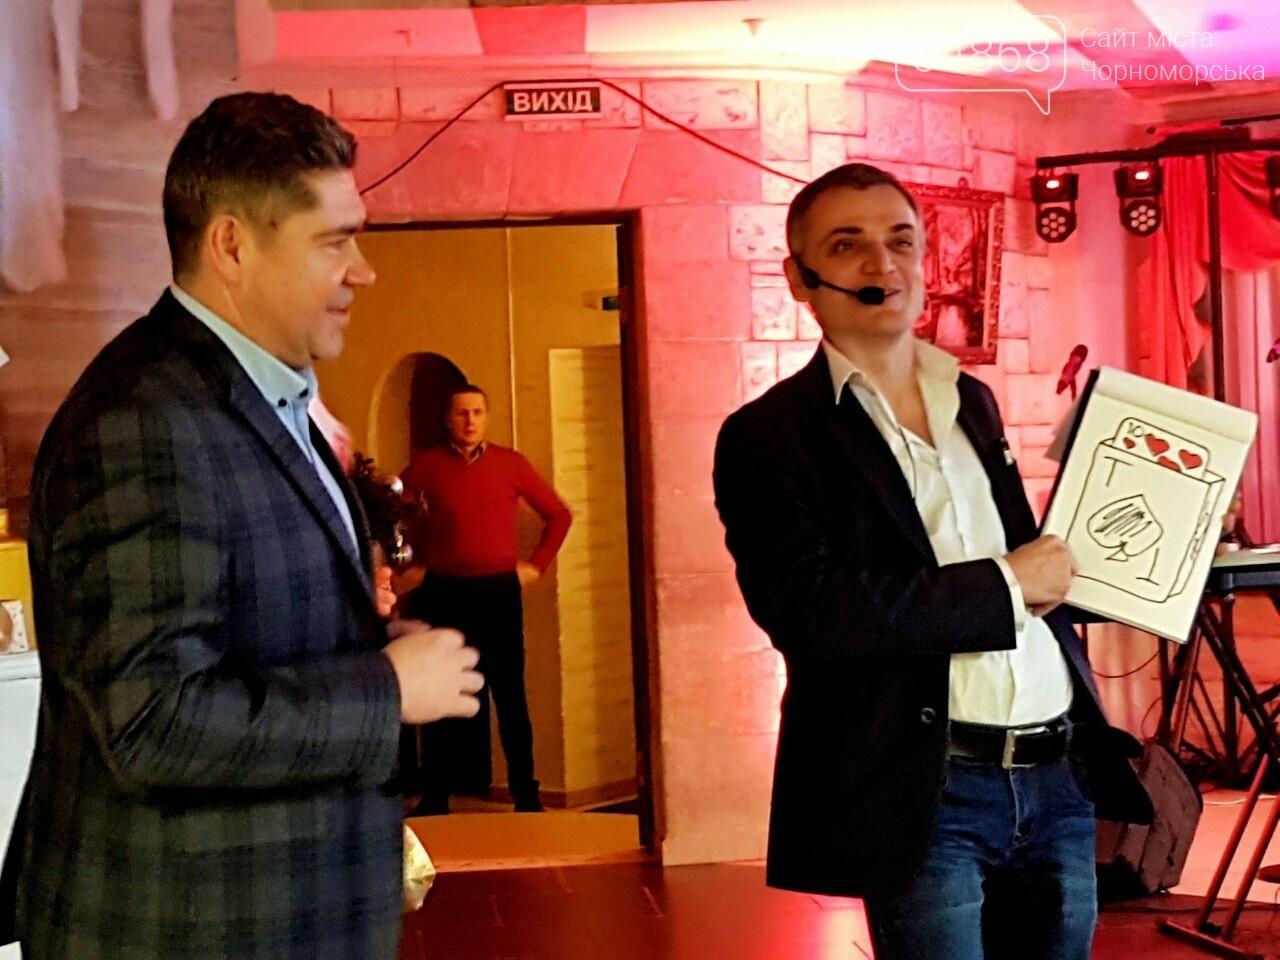 Руководство Ильичевского судоремонтного завода поздравляет с наступающими праздниками, фото-12